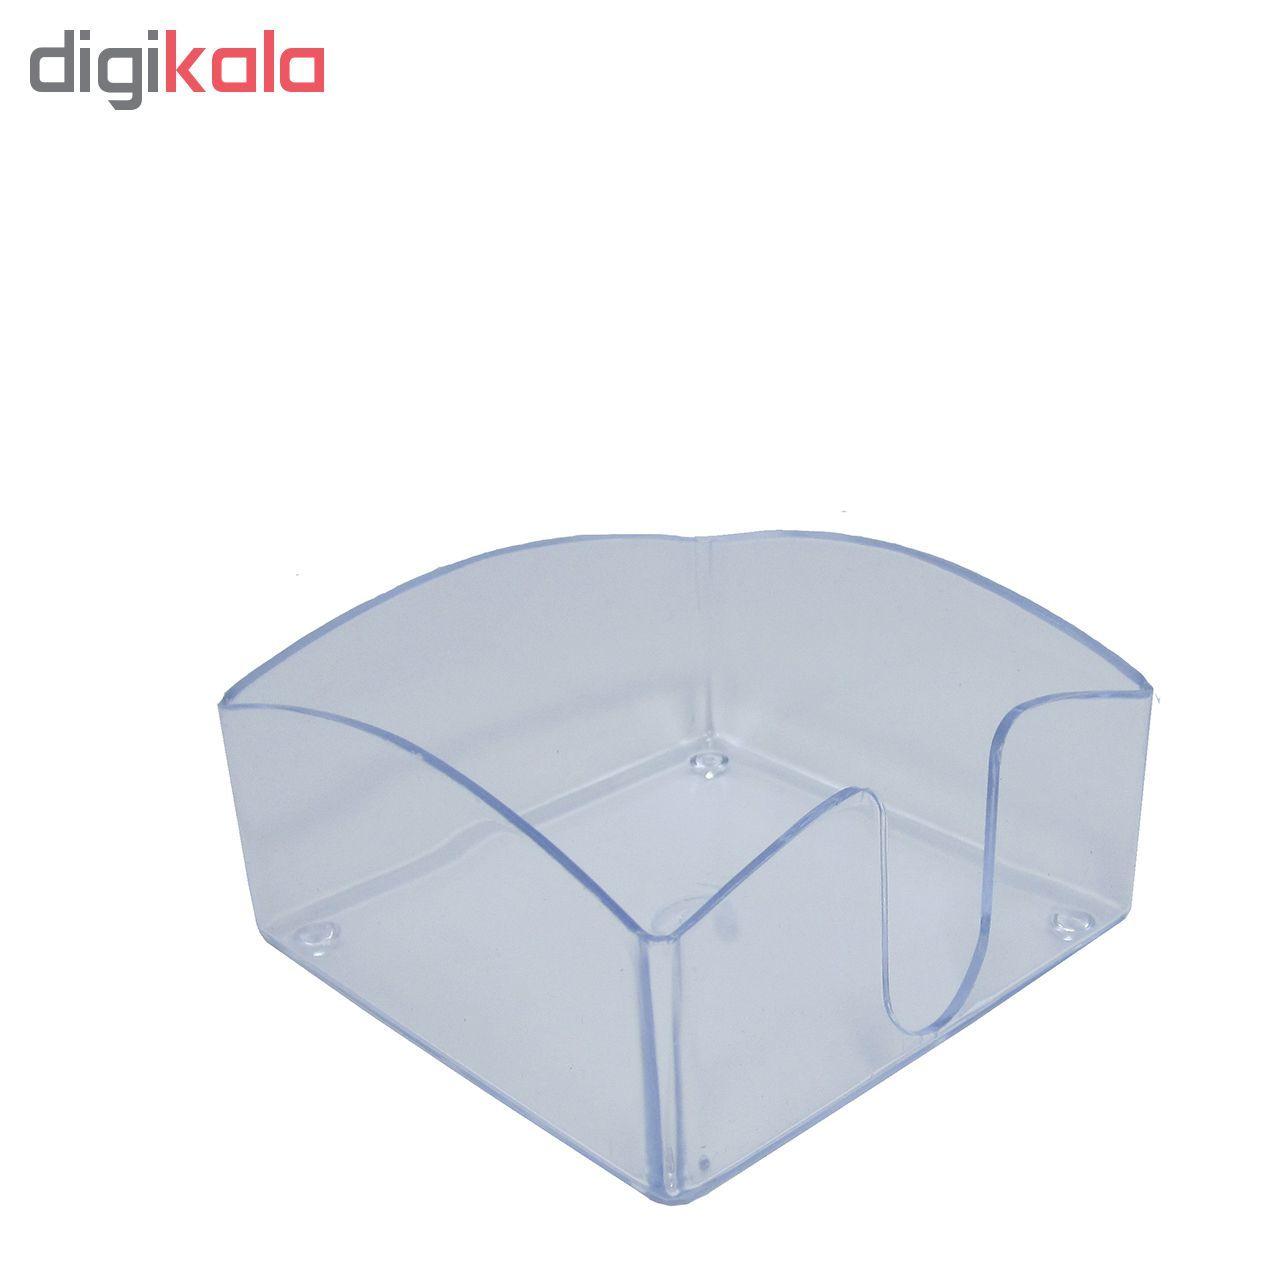 جای کاغذ یادداشت پلاستیکی مدل پارسه main 1 3